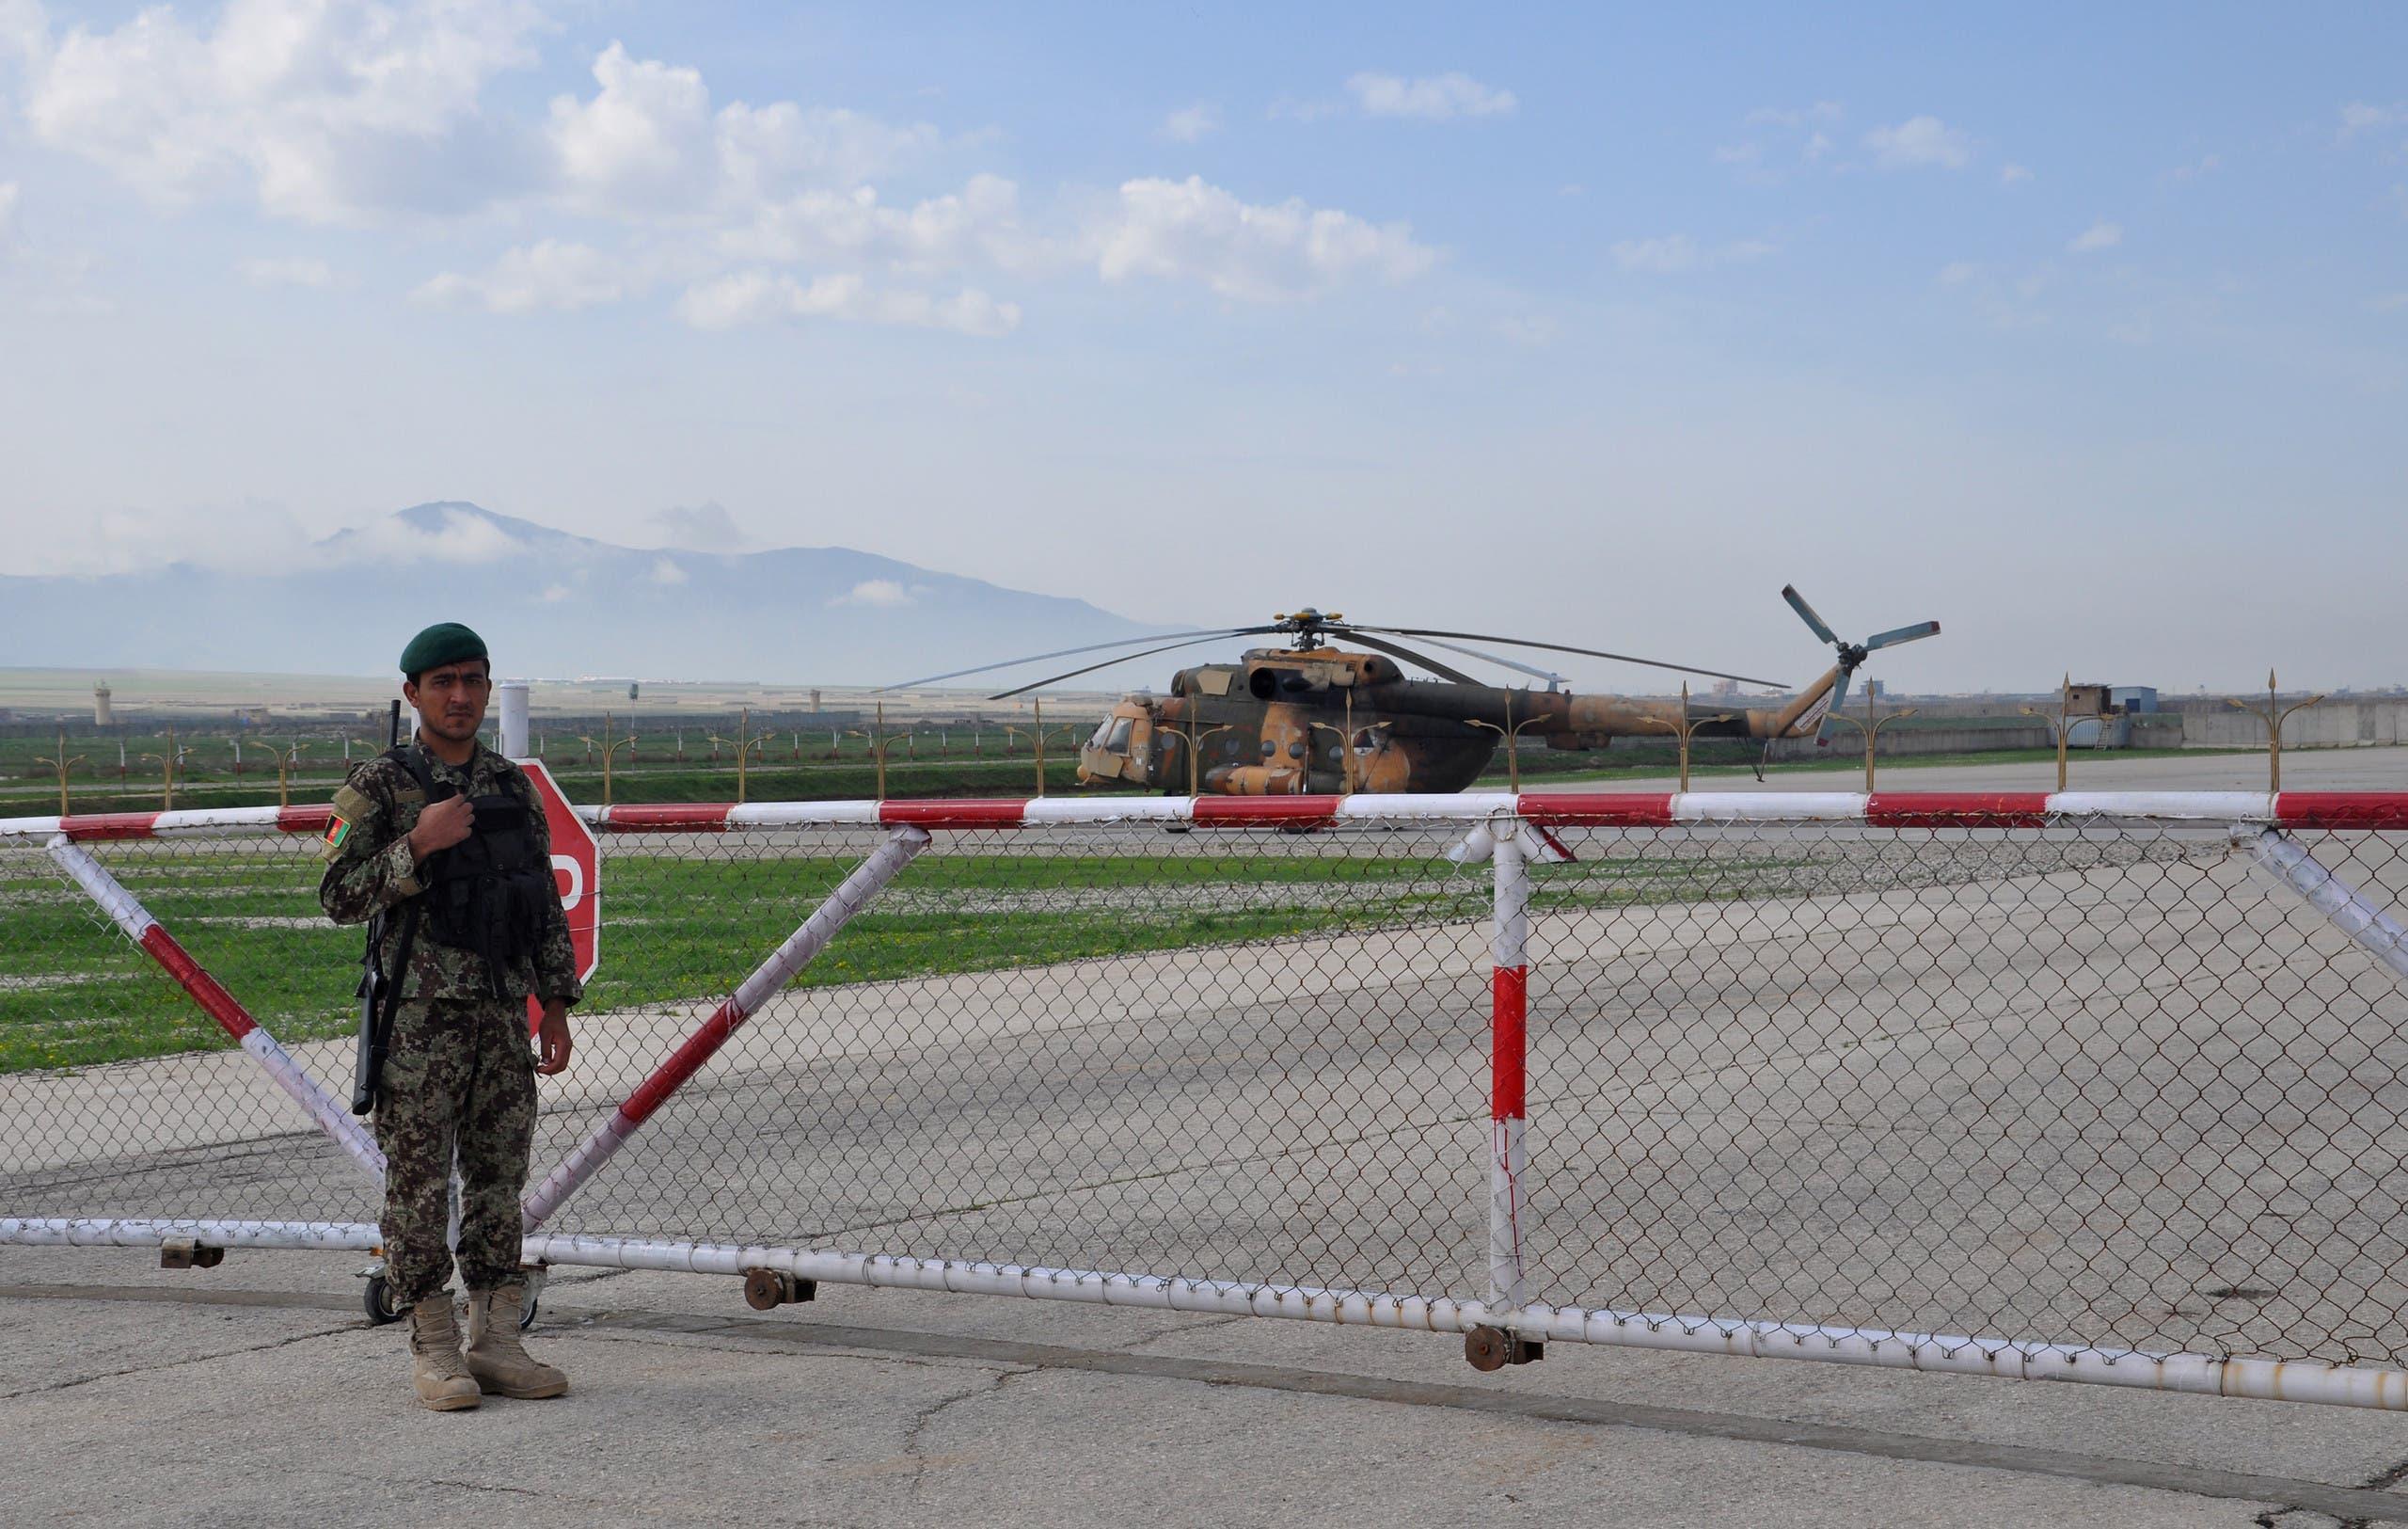 جندي أفغاني في قاعدة عسكرية في مزار الشريف (أرشيفية)